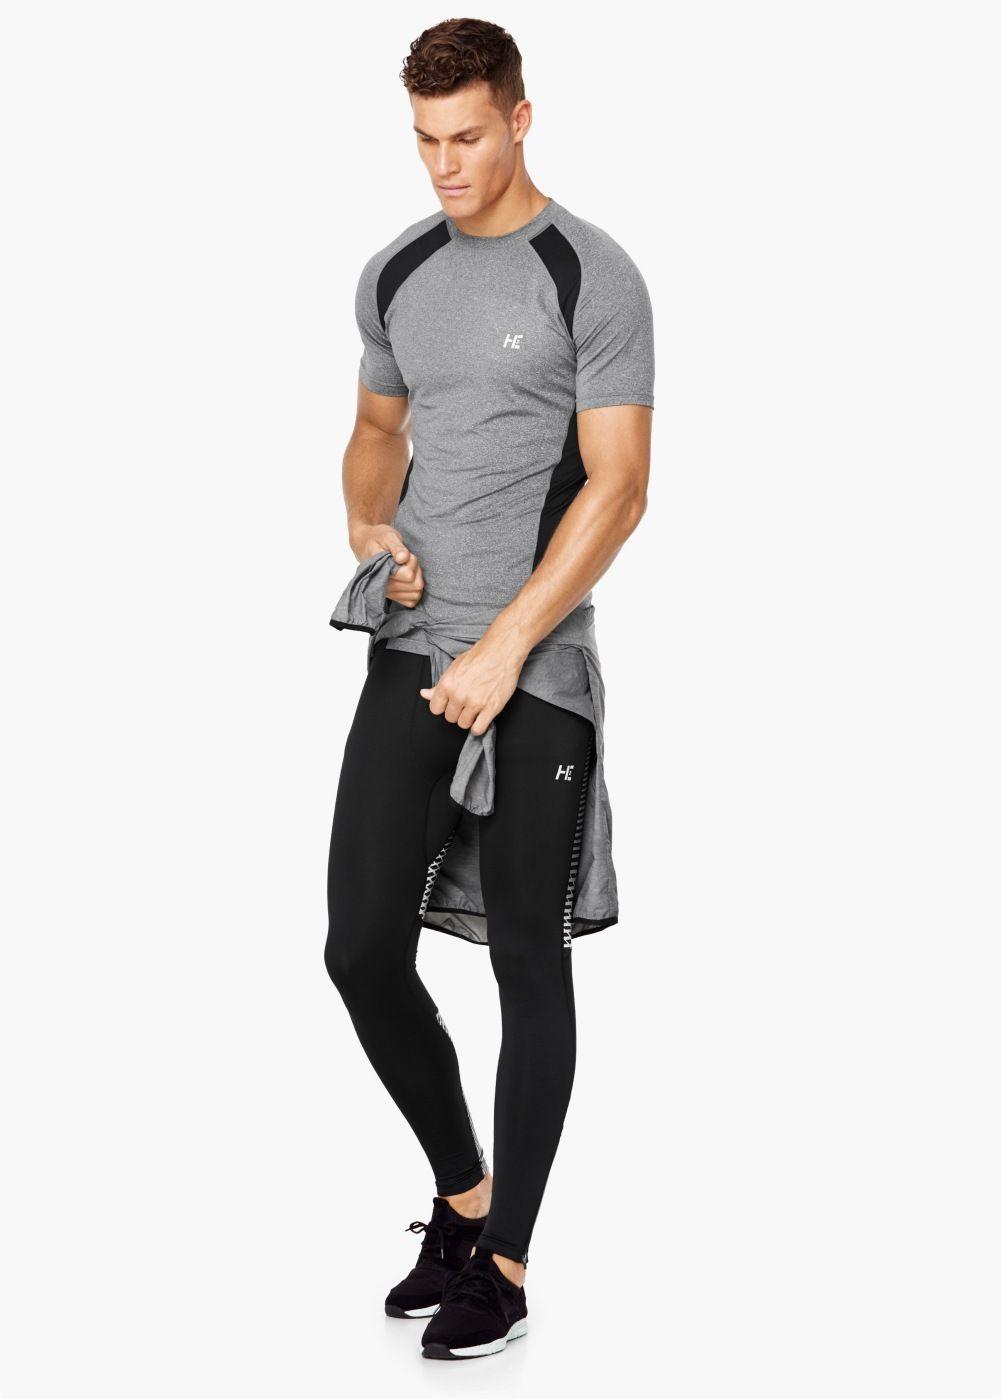 estética de lujo promoción especial venta caliente barato Camiseta técnica manga corta running - Hombre | Running en ...